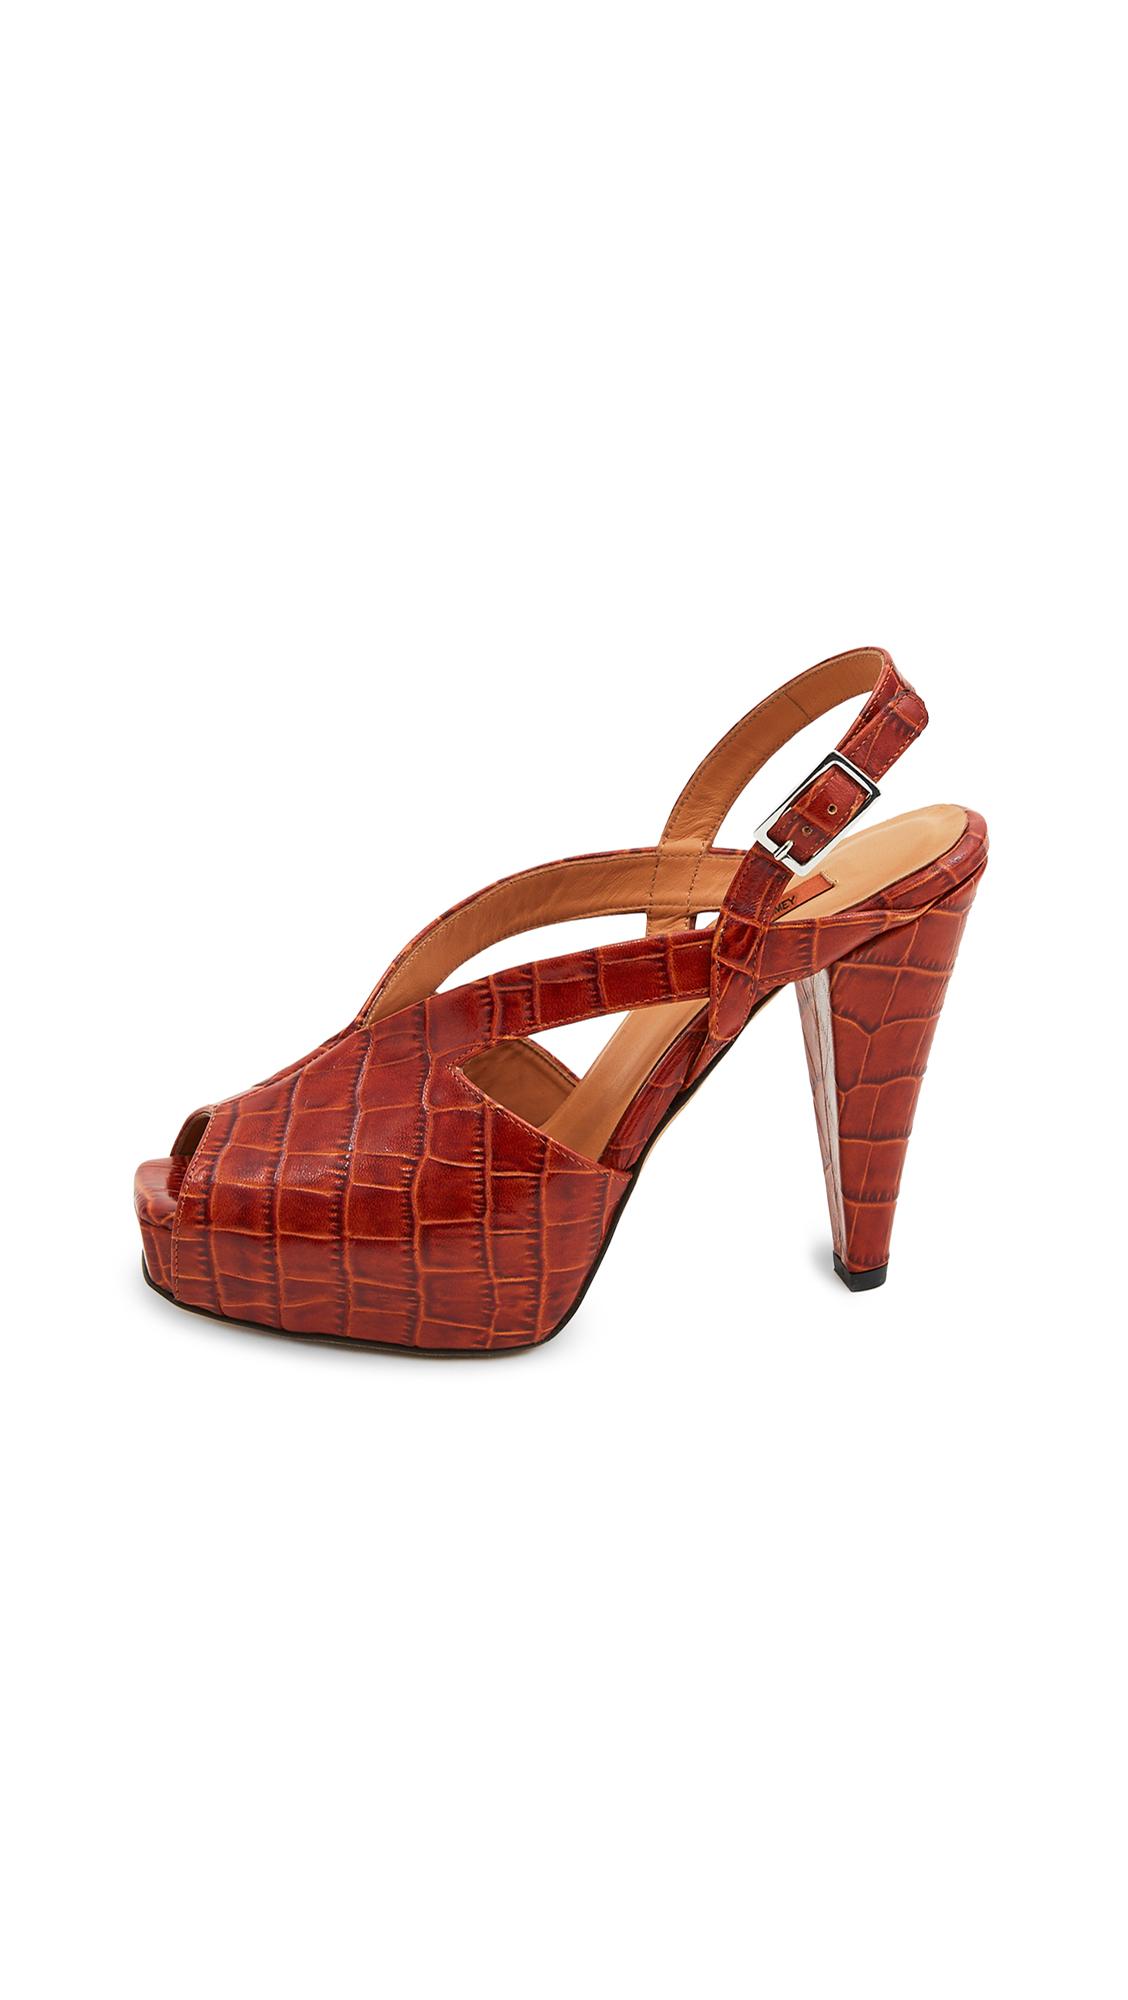 Buy Rachel Comey Besco Heel Sandals online, shop Rachel Comey